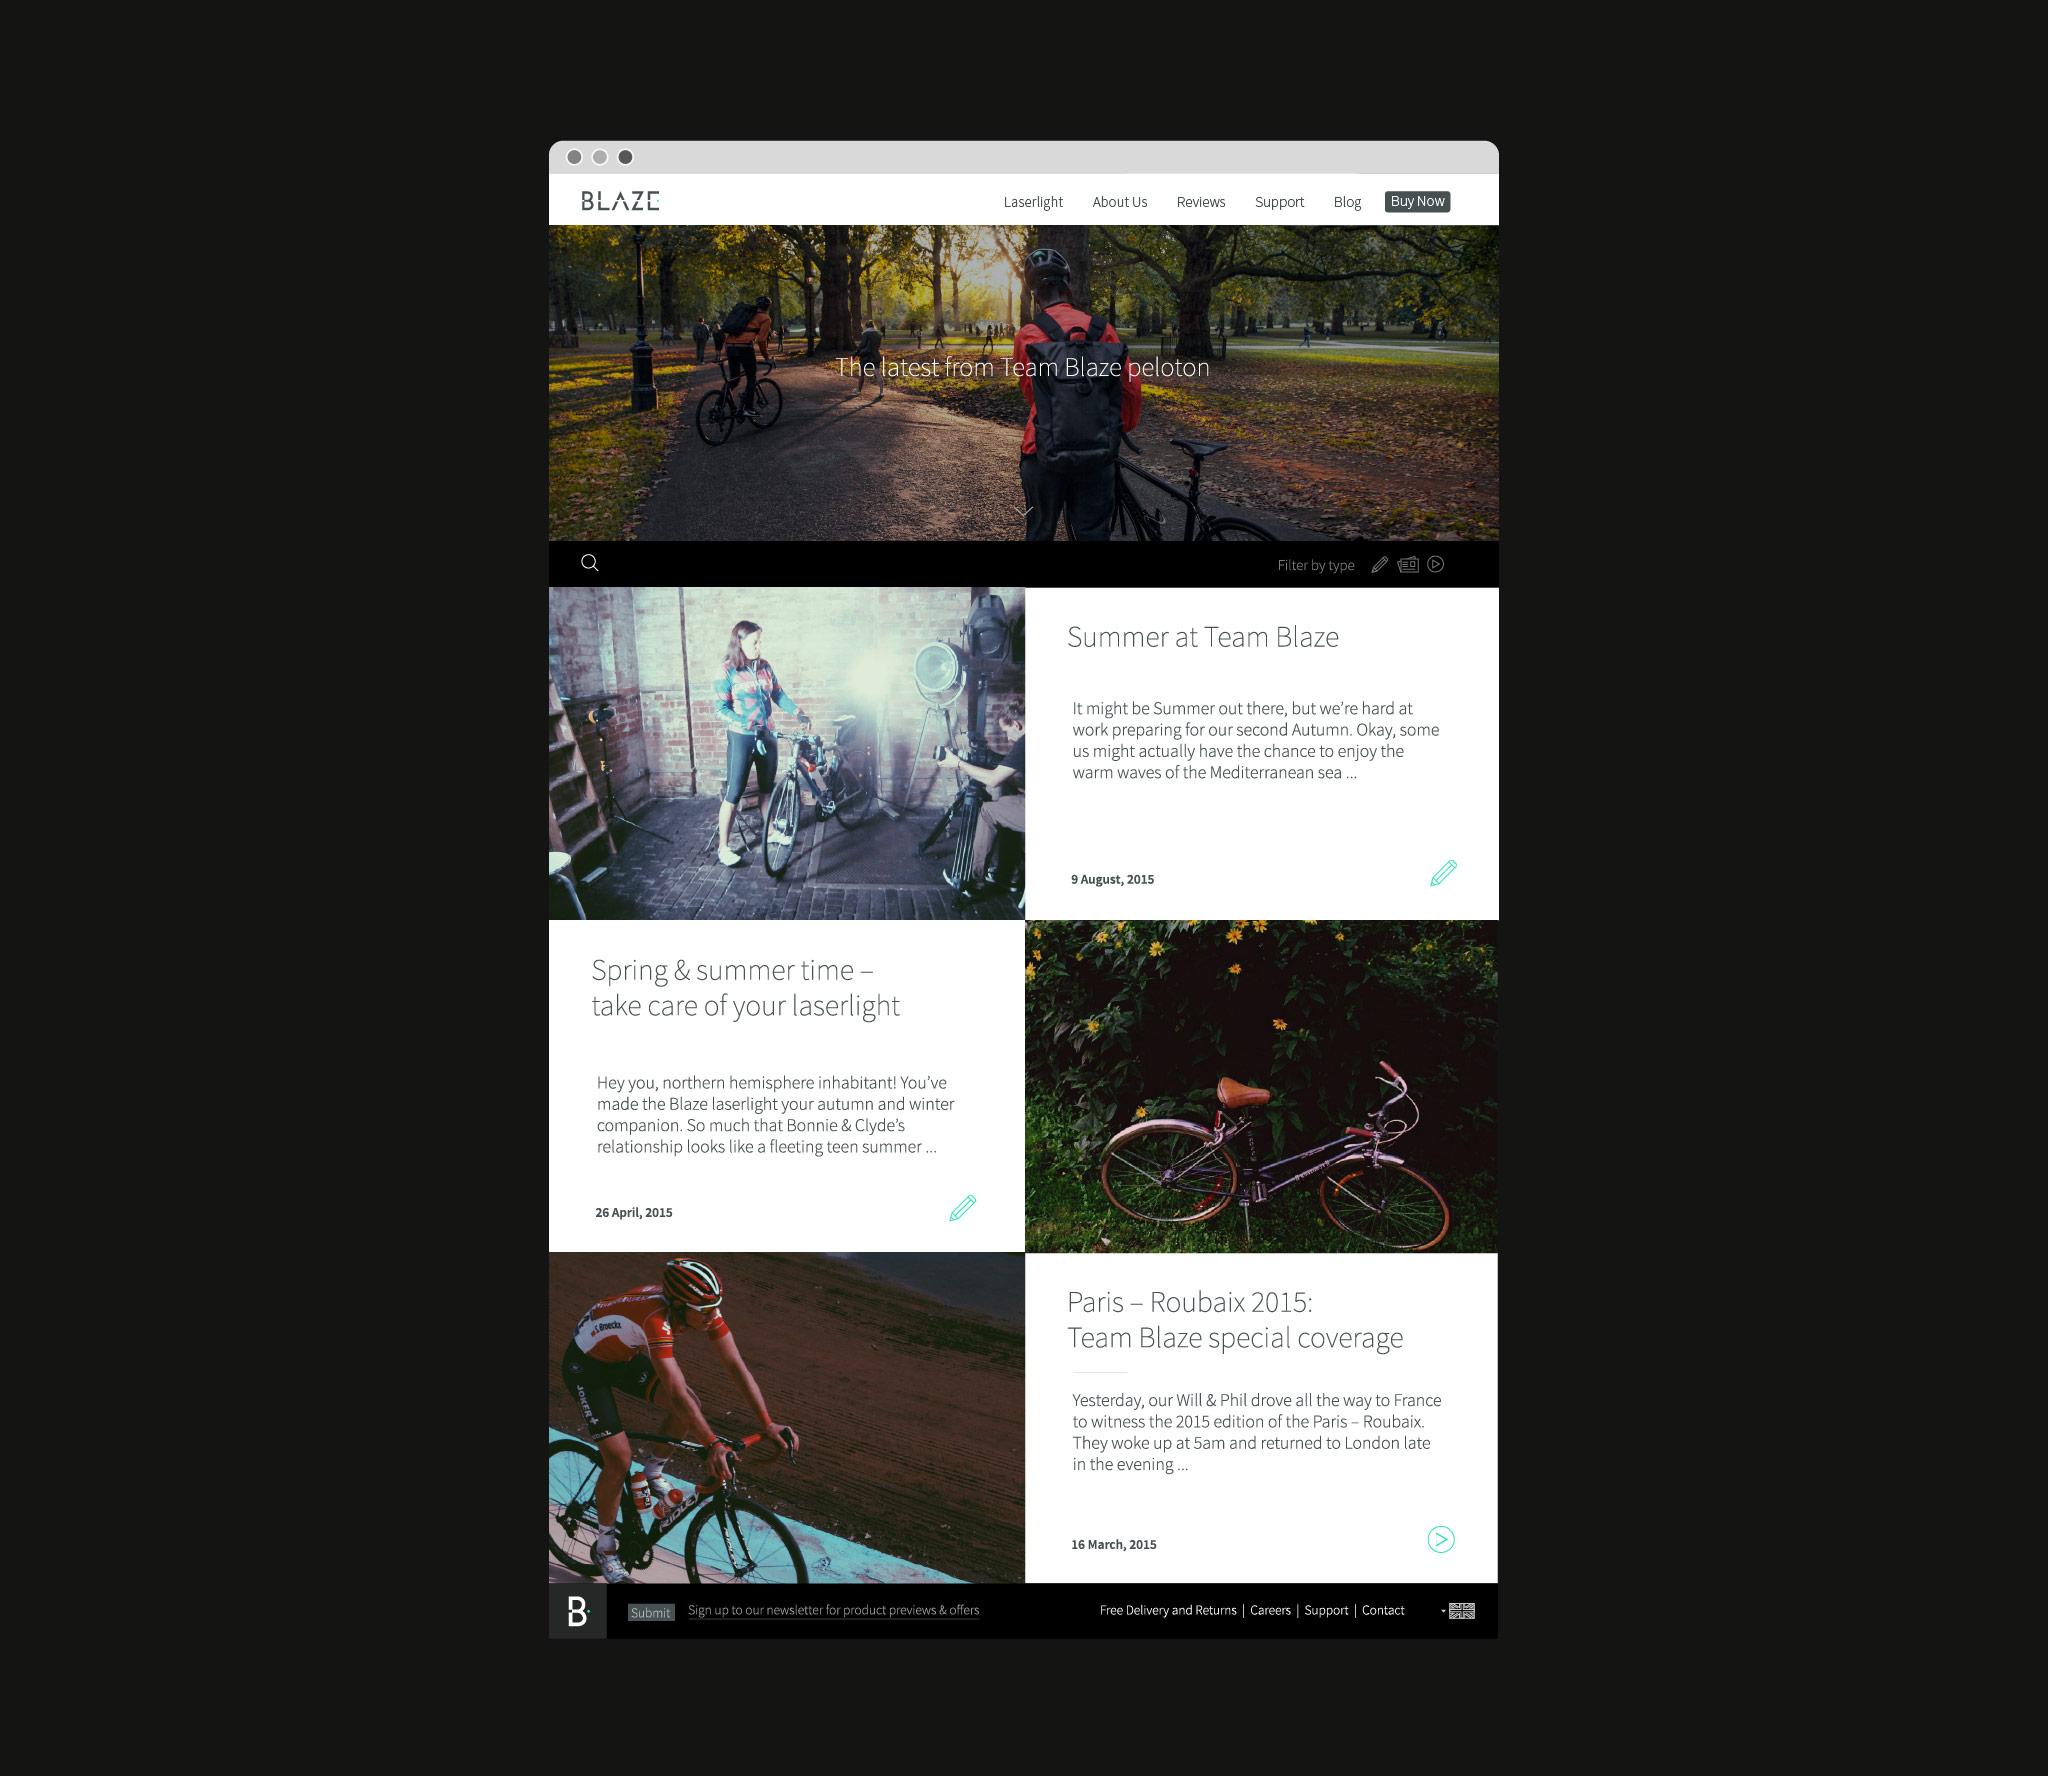 Blaze_Laserlight_Webdesign_RP03